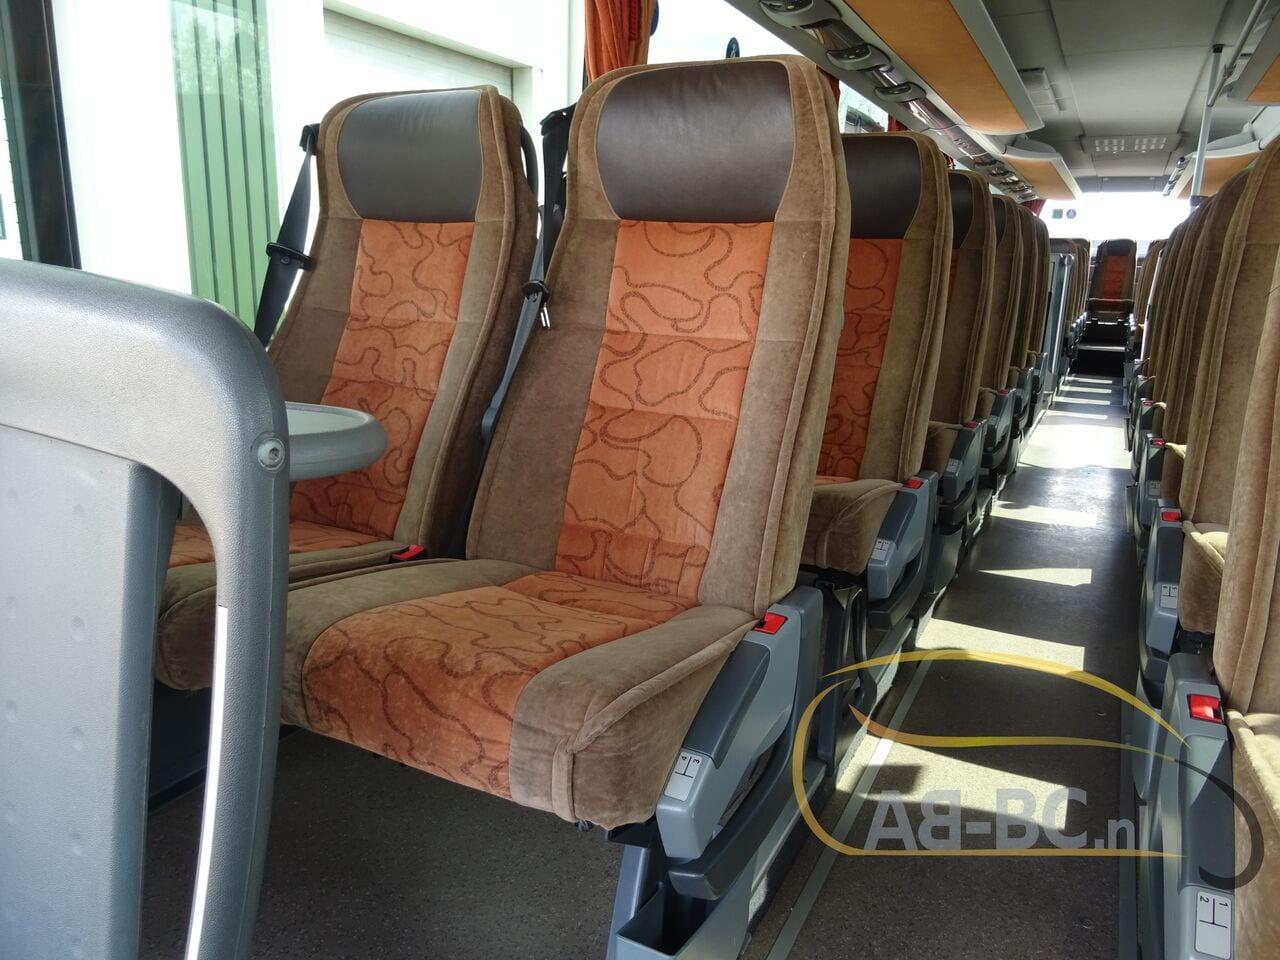 coach-busSETRA-S416H-48-SEATS-LIFTBUS---1620309855803431448_big_1df52bfd8de993bc09fac17b29d0917e--21050616581387095000